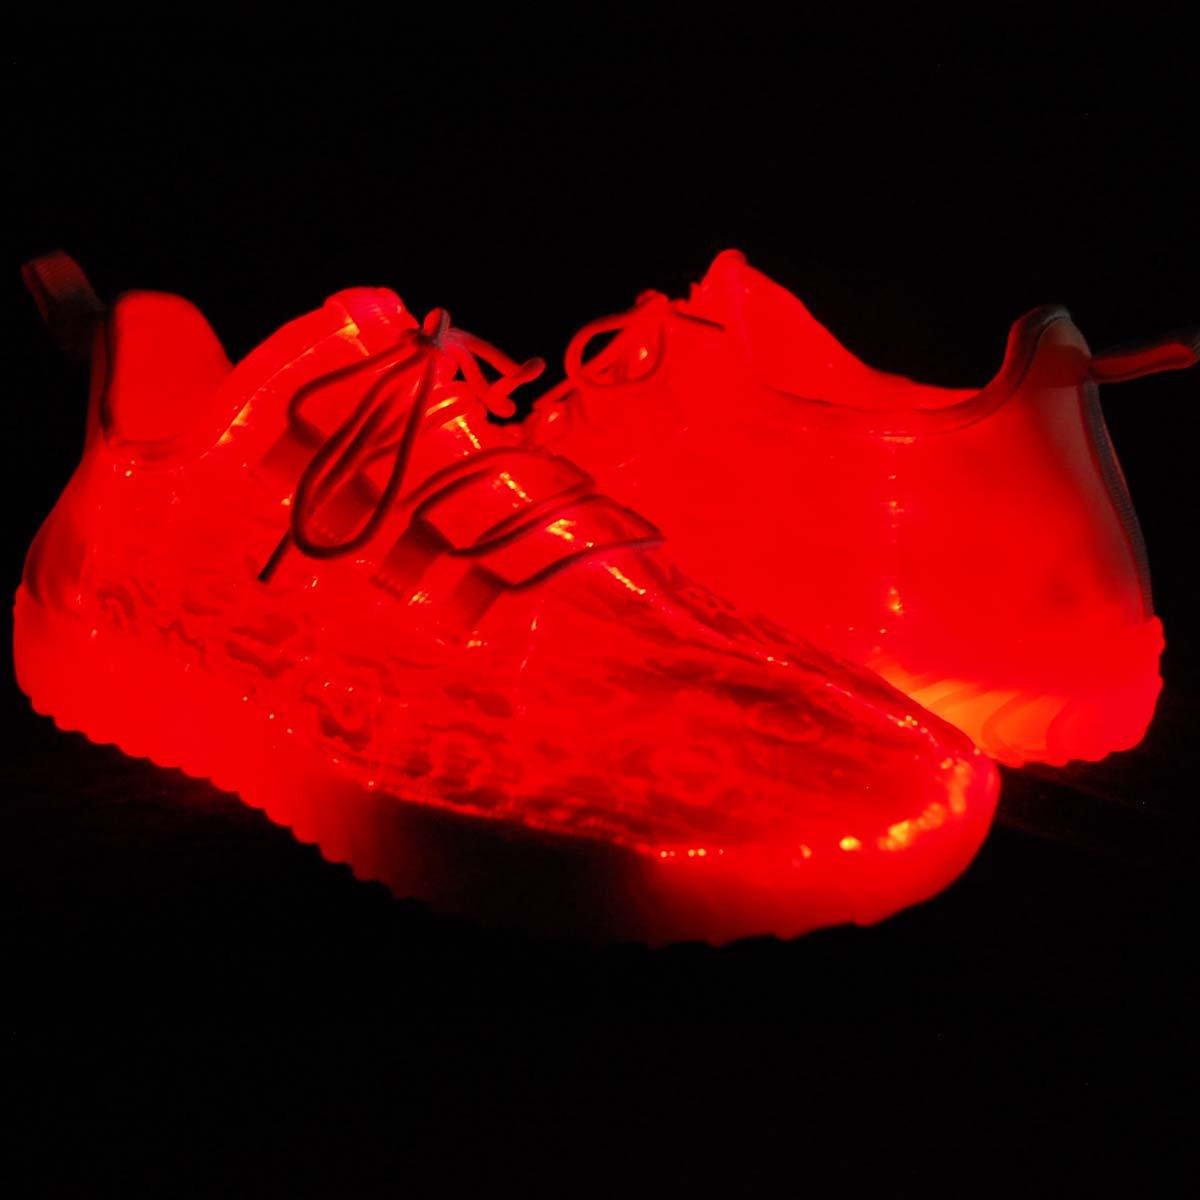 Men KRAZY SHOE ARTISTS 11 Color Light Modes LED Lighted Upper Fashion Sneaker